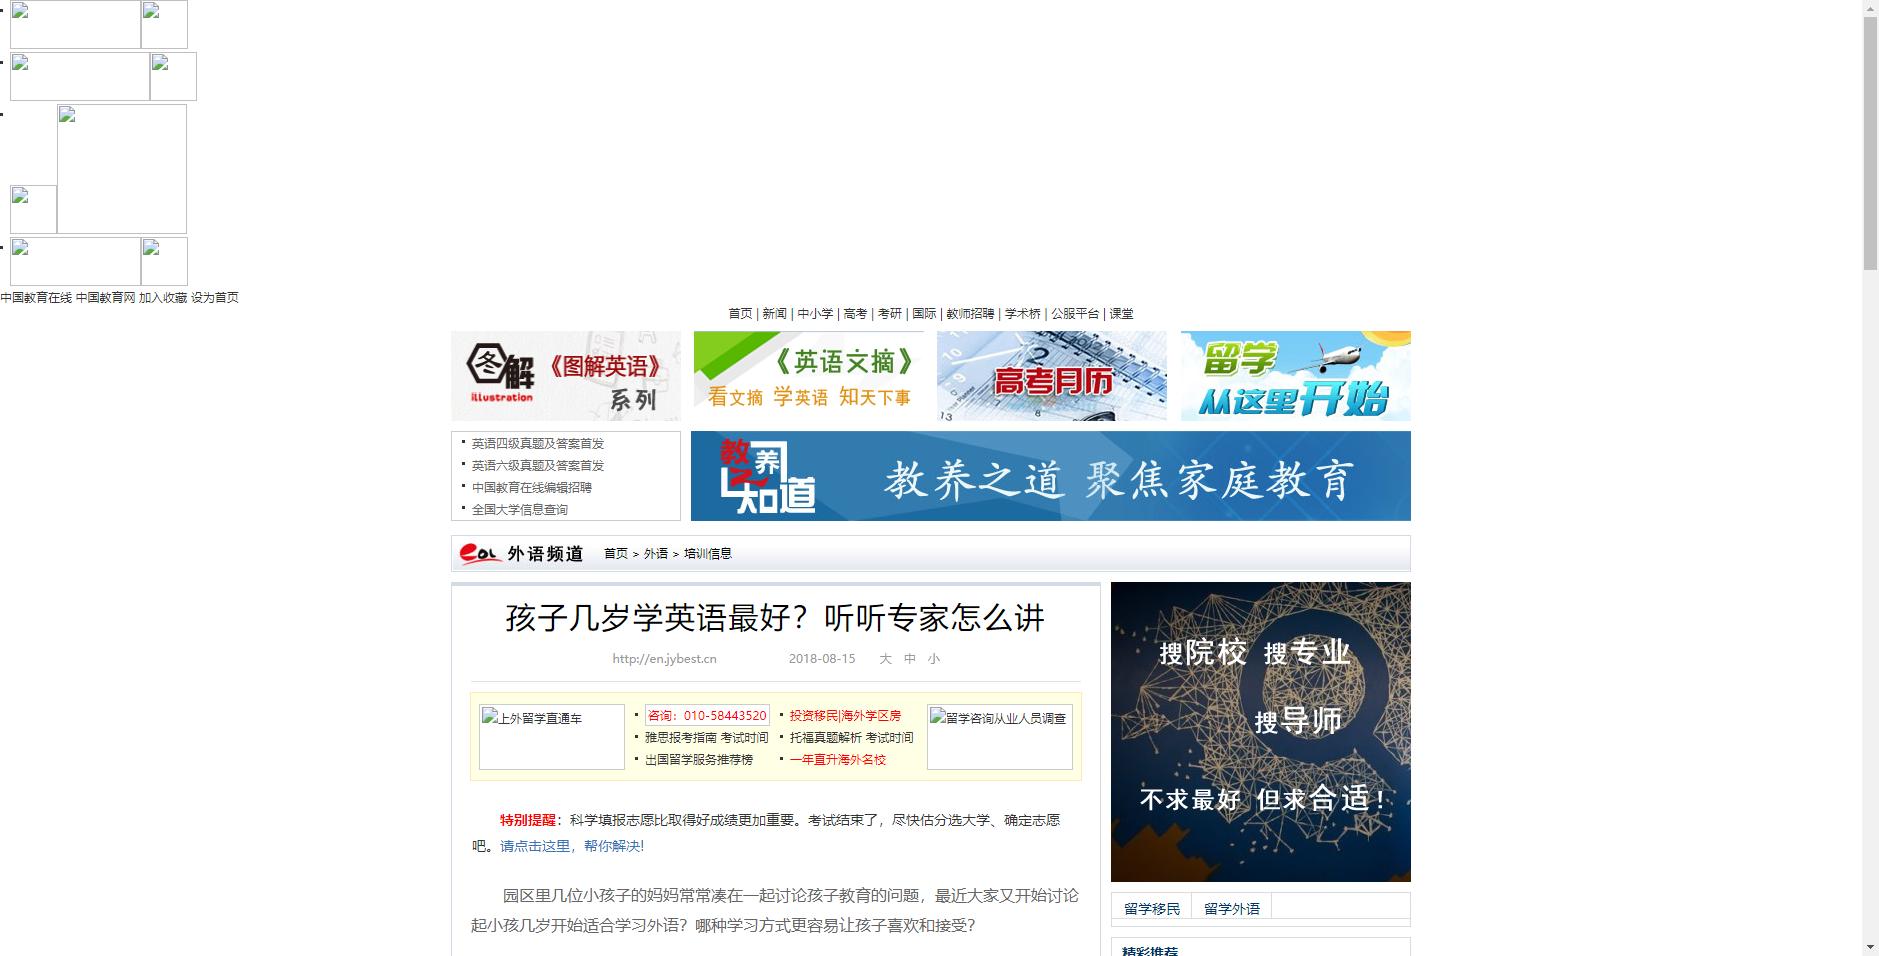 中国教育在线-主站